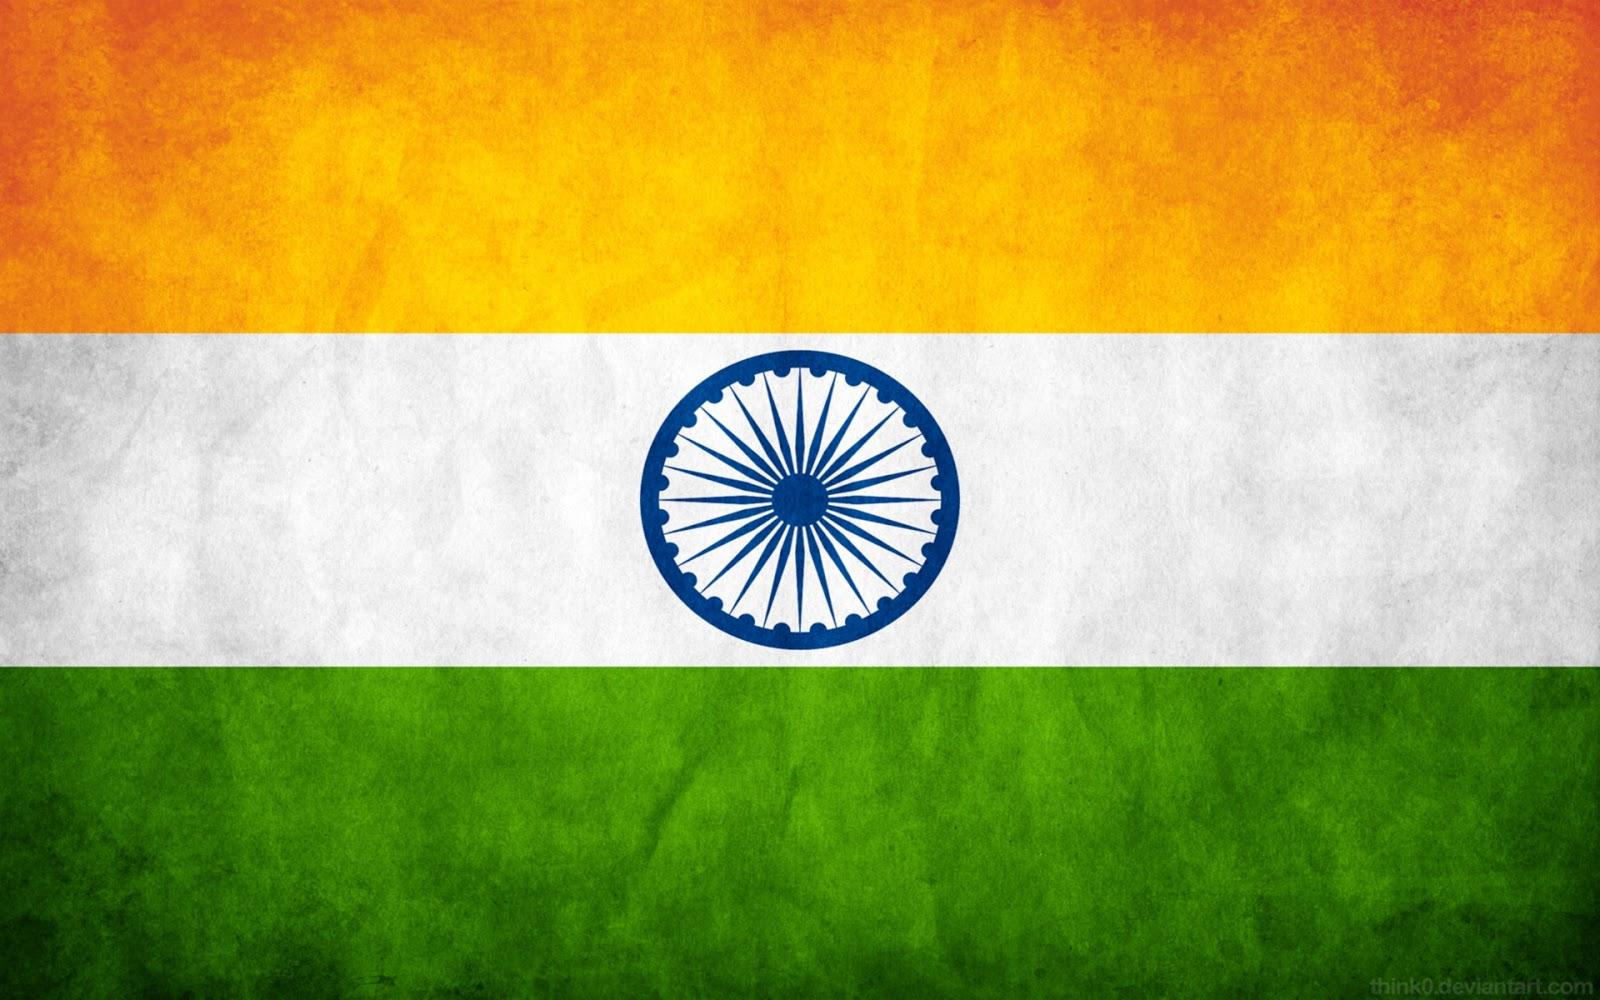 http://4.bp.blogspot.com/-dRCCV6hm5bQ/UMetj0sNyXI/AAAAAAAAA2Q/4prryH2HbwQ/s1600/India%2BFlag%2BNew%2BHD%2BWallpaper%2B(1).jpg